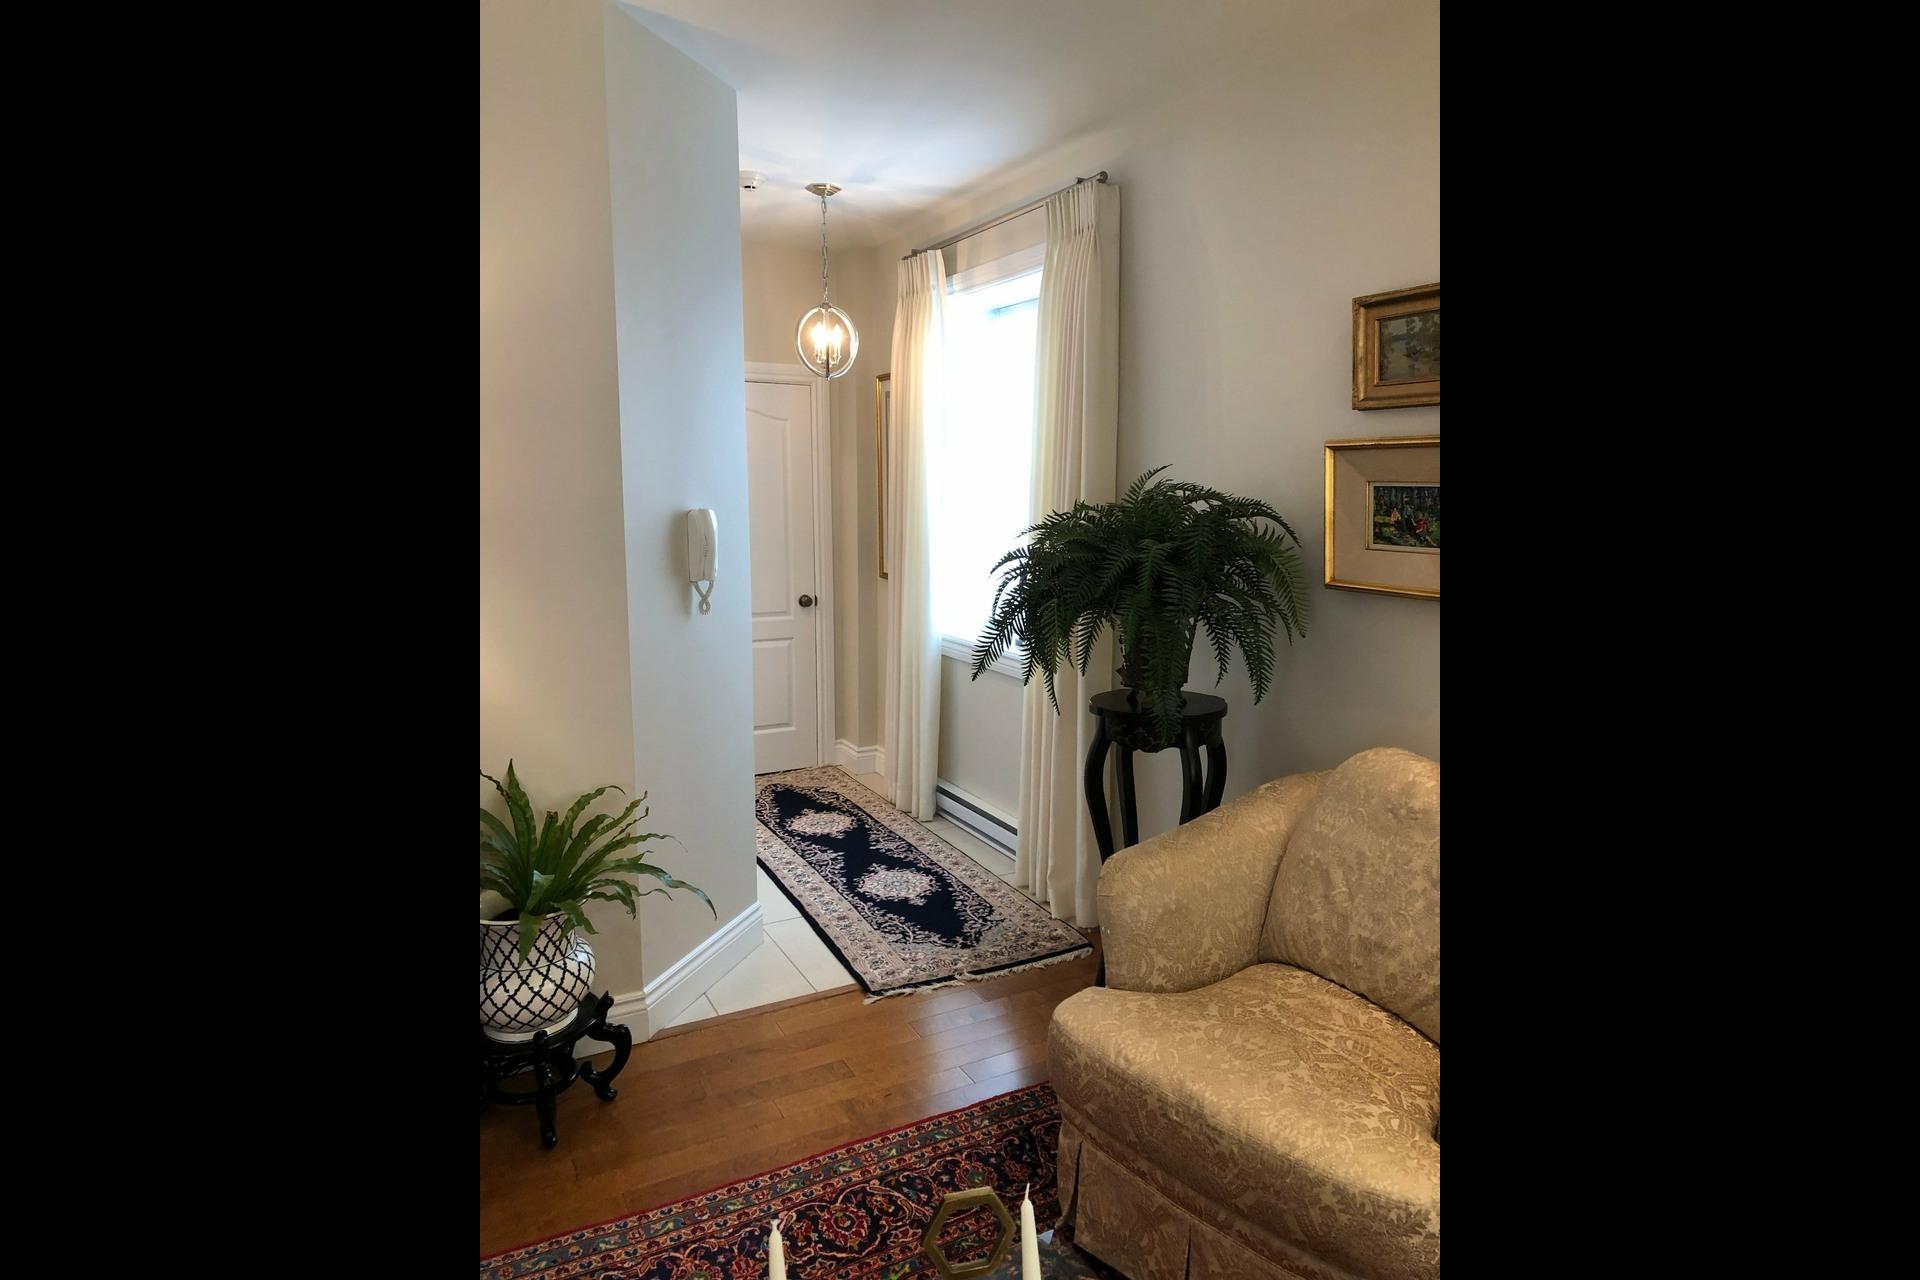 image 6 - Appartement À vendre Côte-des-Neiges/Notre-Dame-de-Grâce Montréal  - 5 pièces